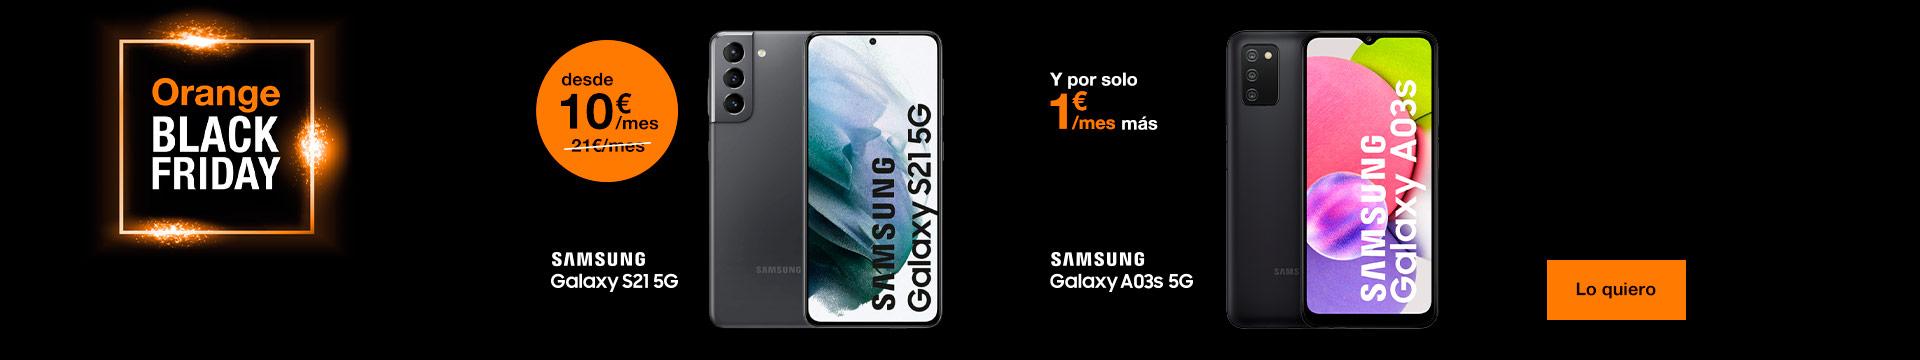 Es momento de estrenar Samsung con Orange